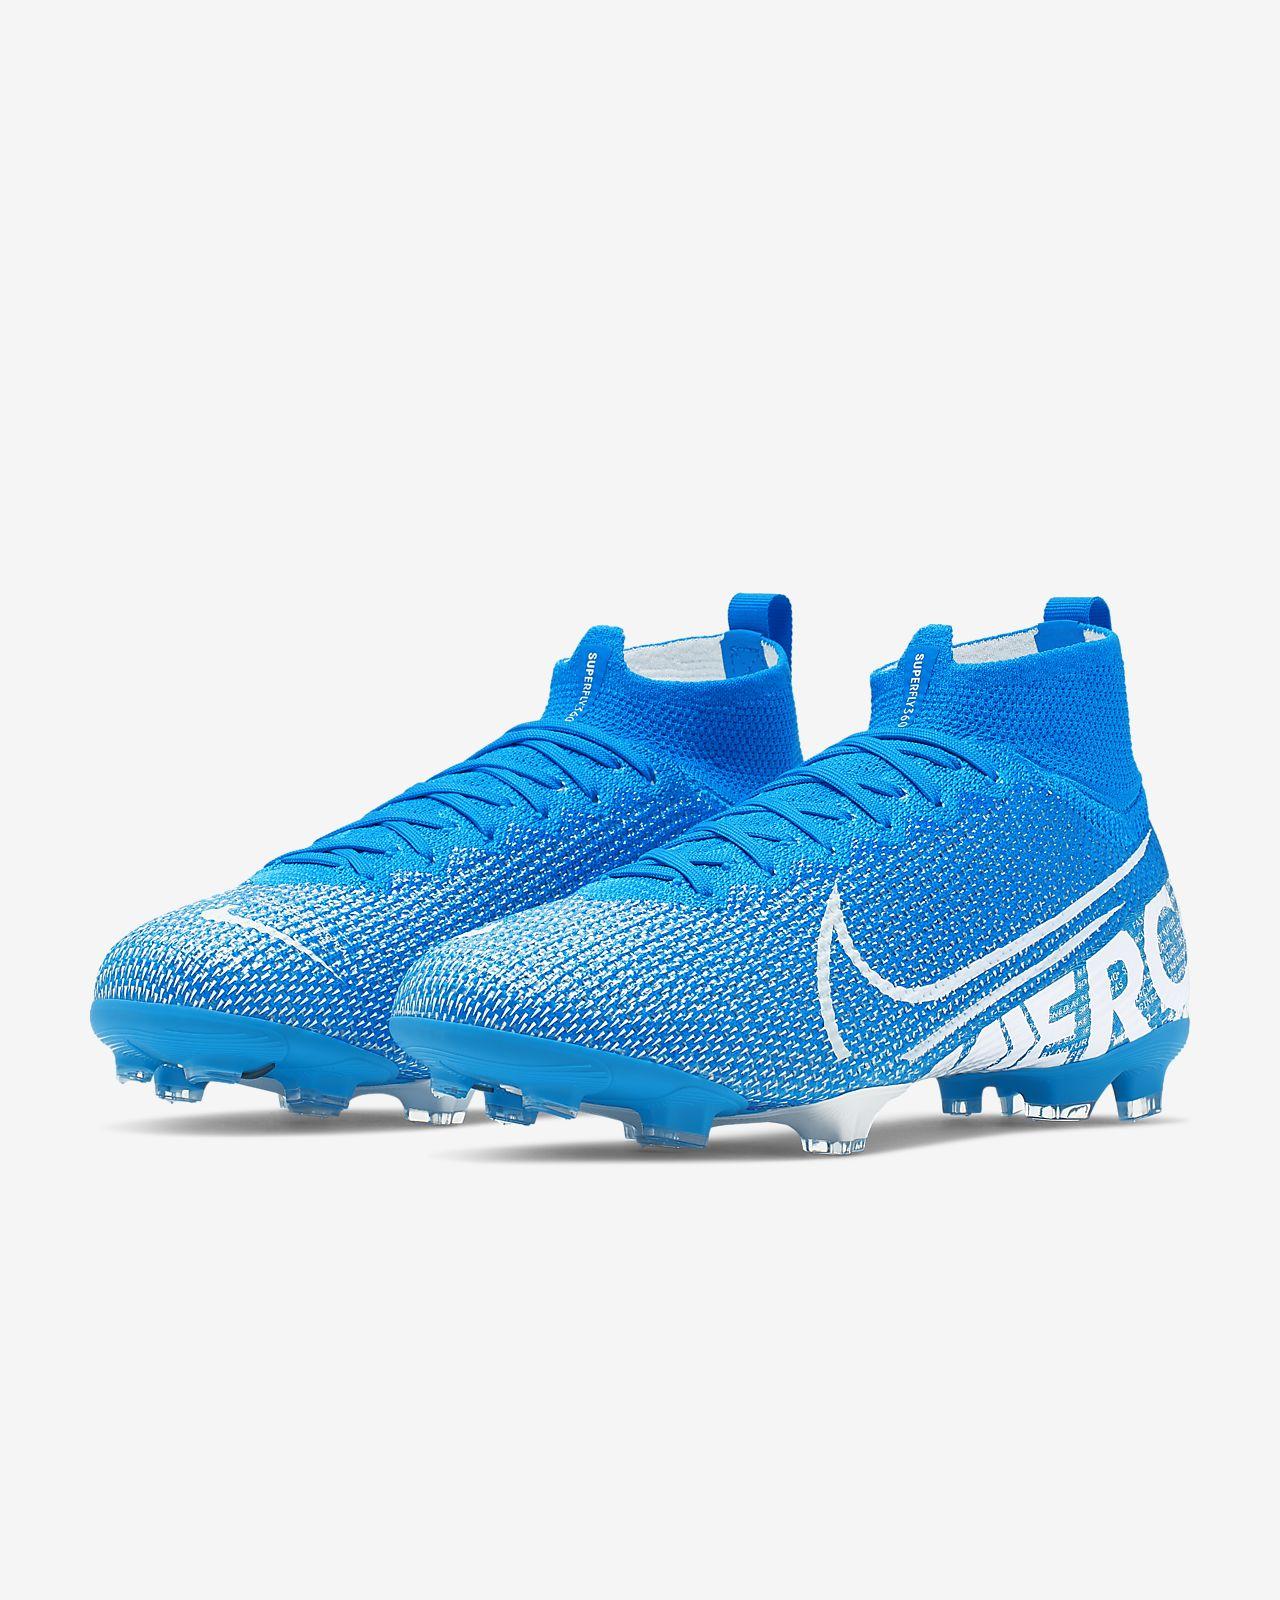 Nike fodboldstøvler find dine Nike fodboldstøvler her, der